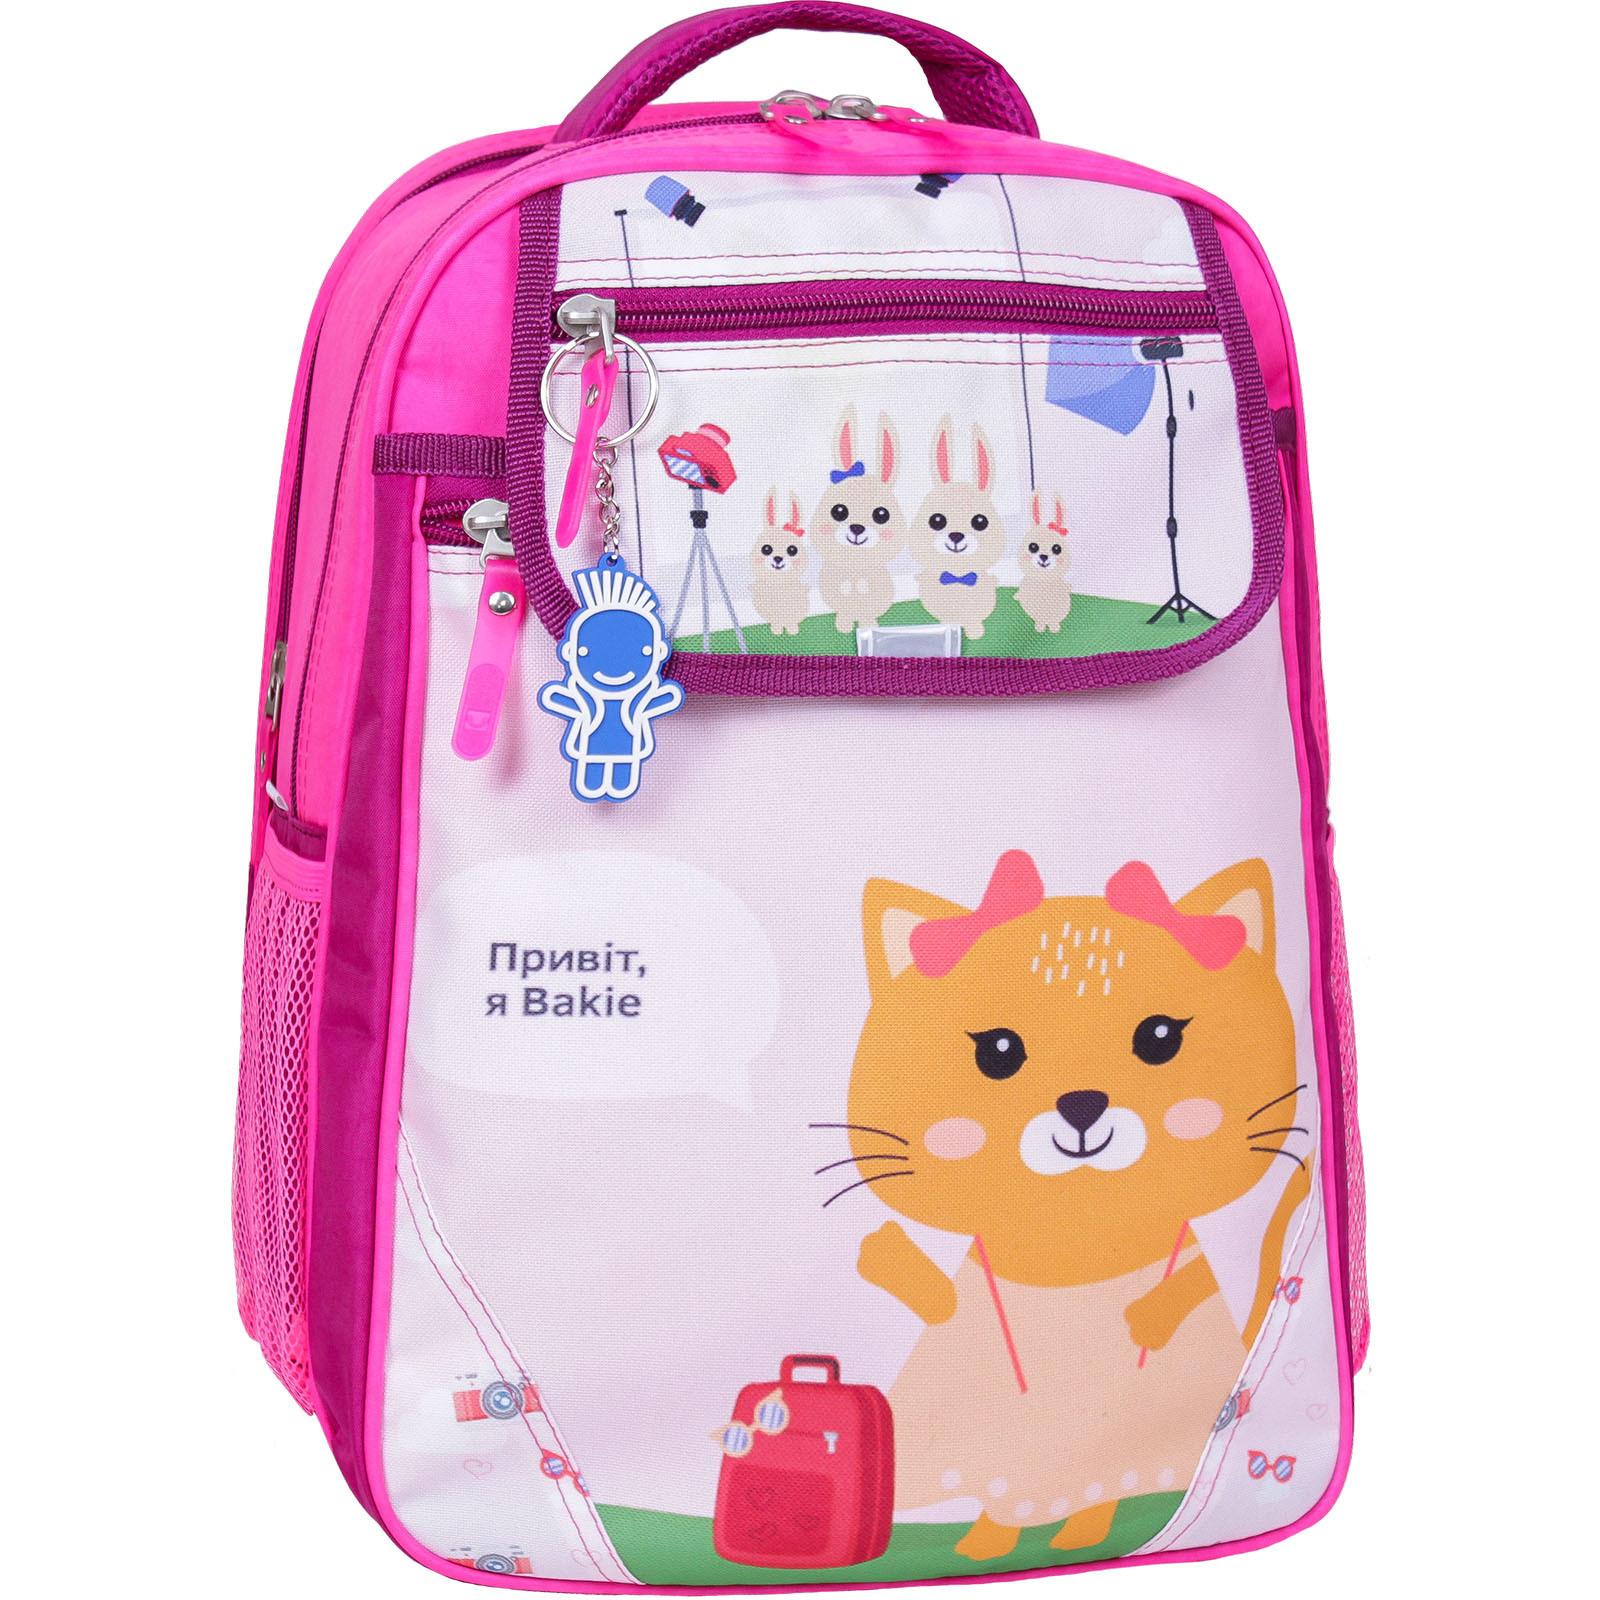 Школьные рюкзаки Рюкзак школьный Bagland Отличник 20 л. 143 малиновый 434 (0058070) 1600IMG_5179-434.jpg